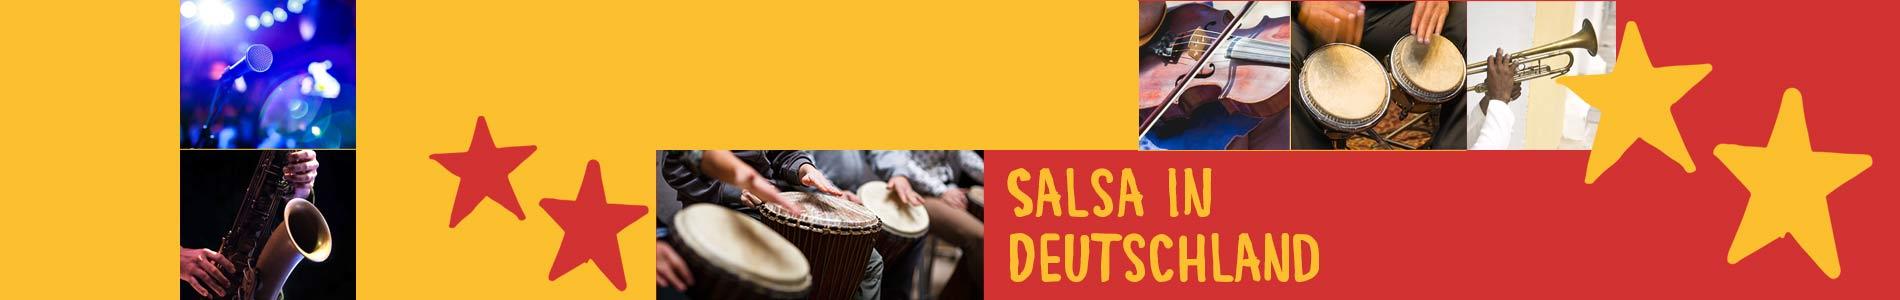 Salsa in Breitscheidt – Salsa lernen und tanzen, Tanzkurse, Partys, Veranstaltungen